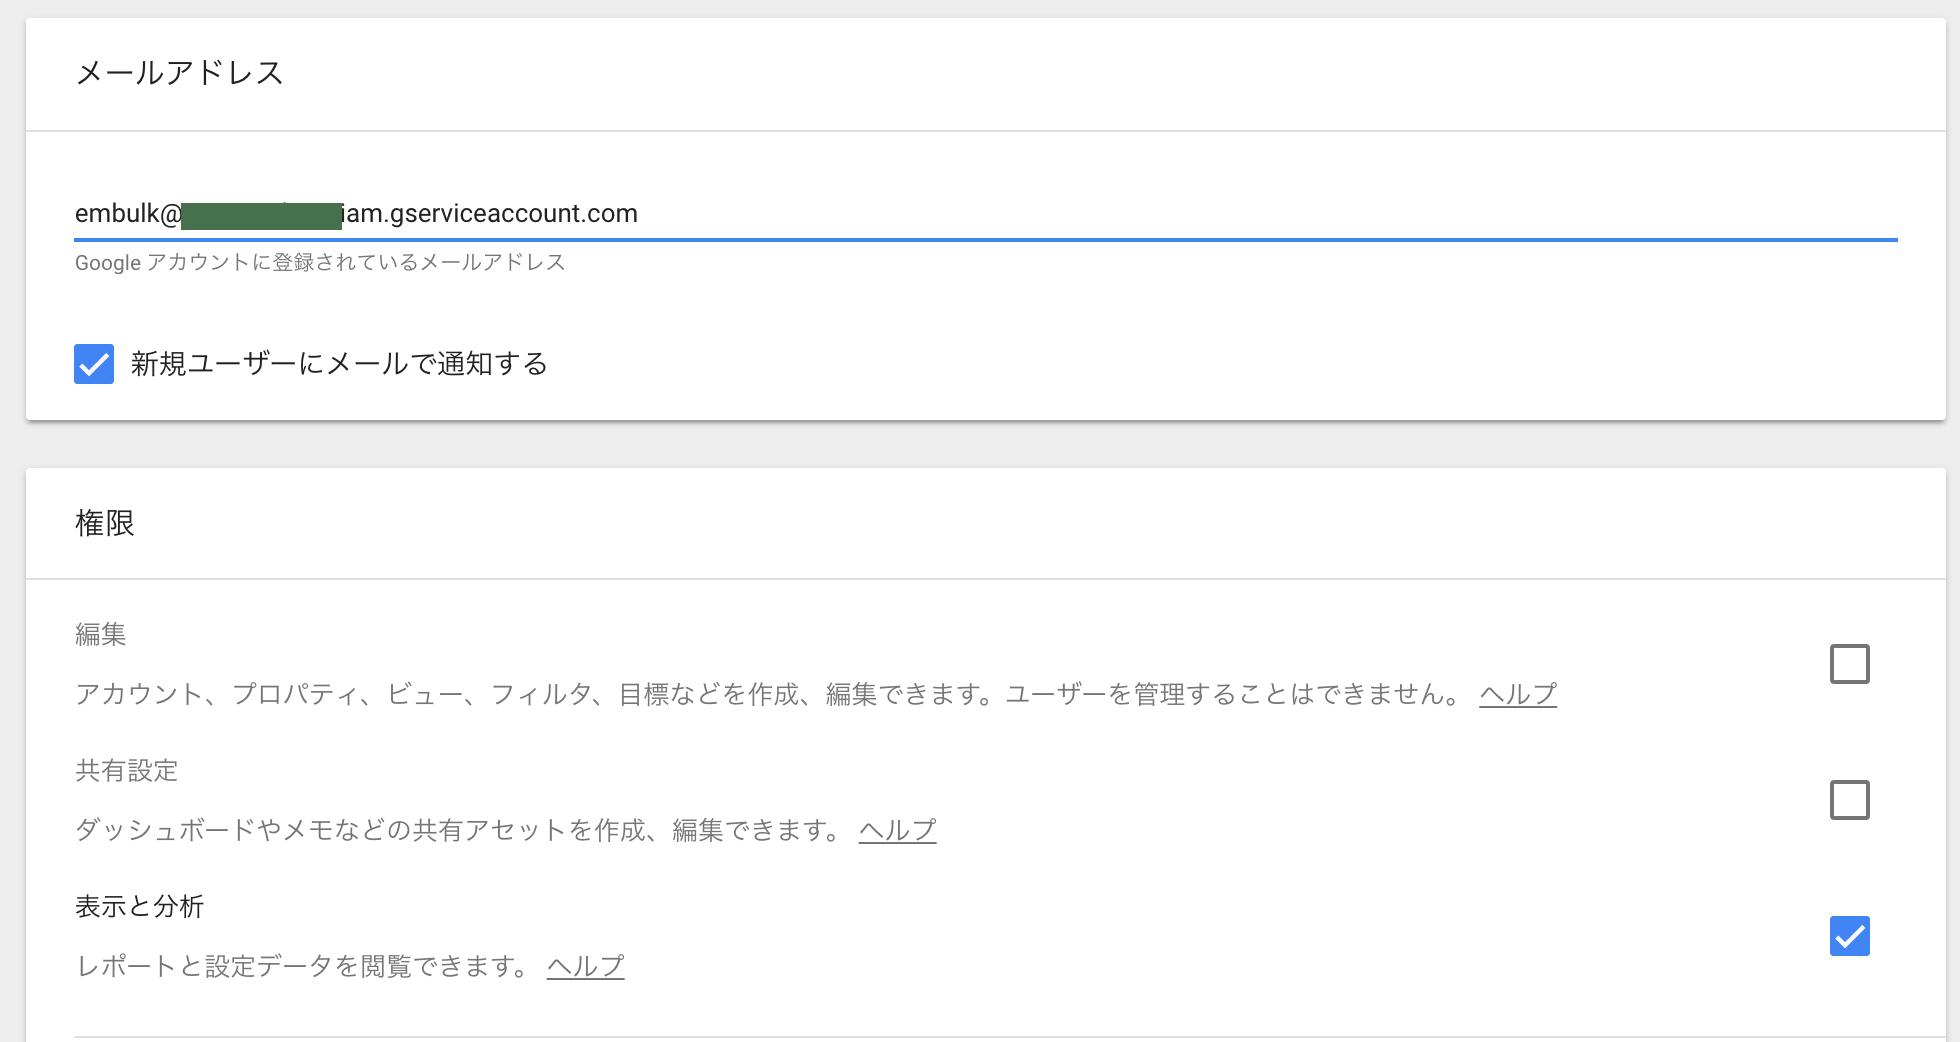 スクリーンショット 2018-04-14 18.45.04.png